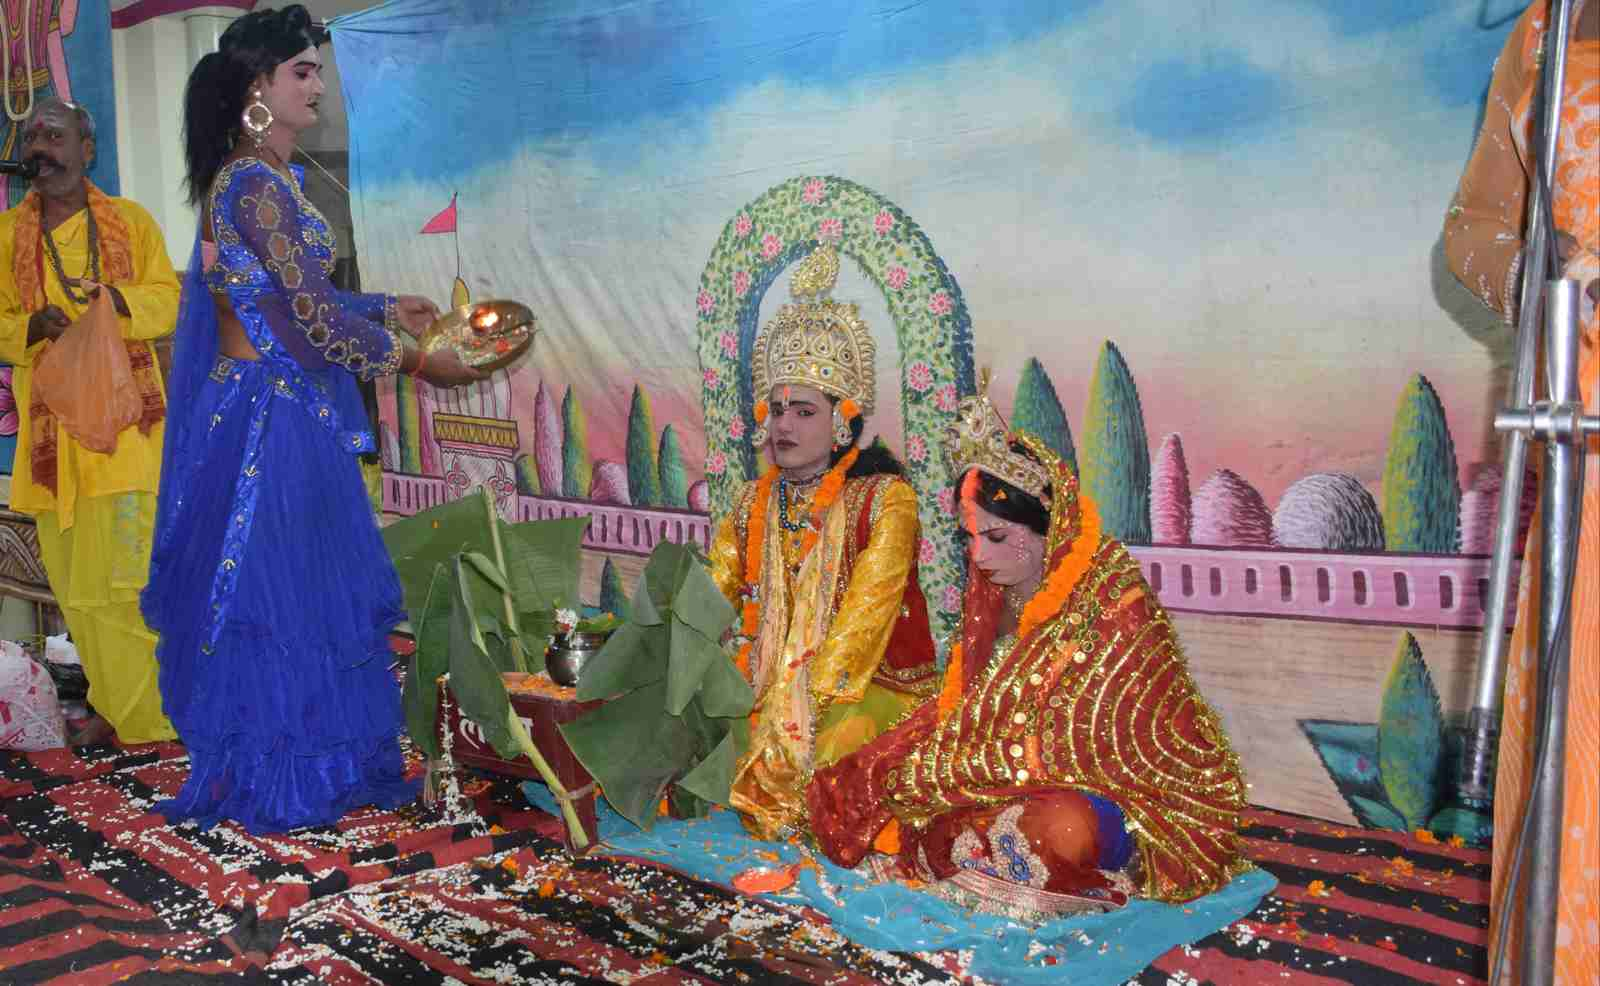 पुरानी कोतवाली में चल रही श्रीरामलीला में श्रीराम विवाह का दृश्य।